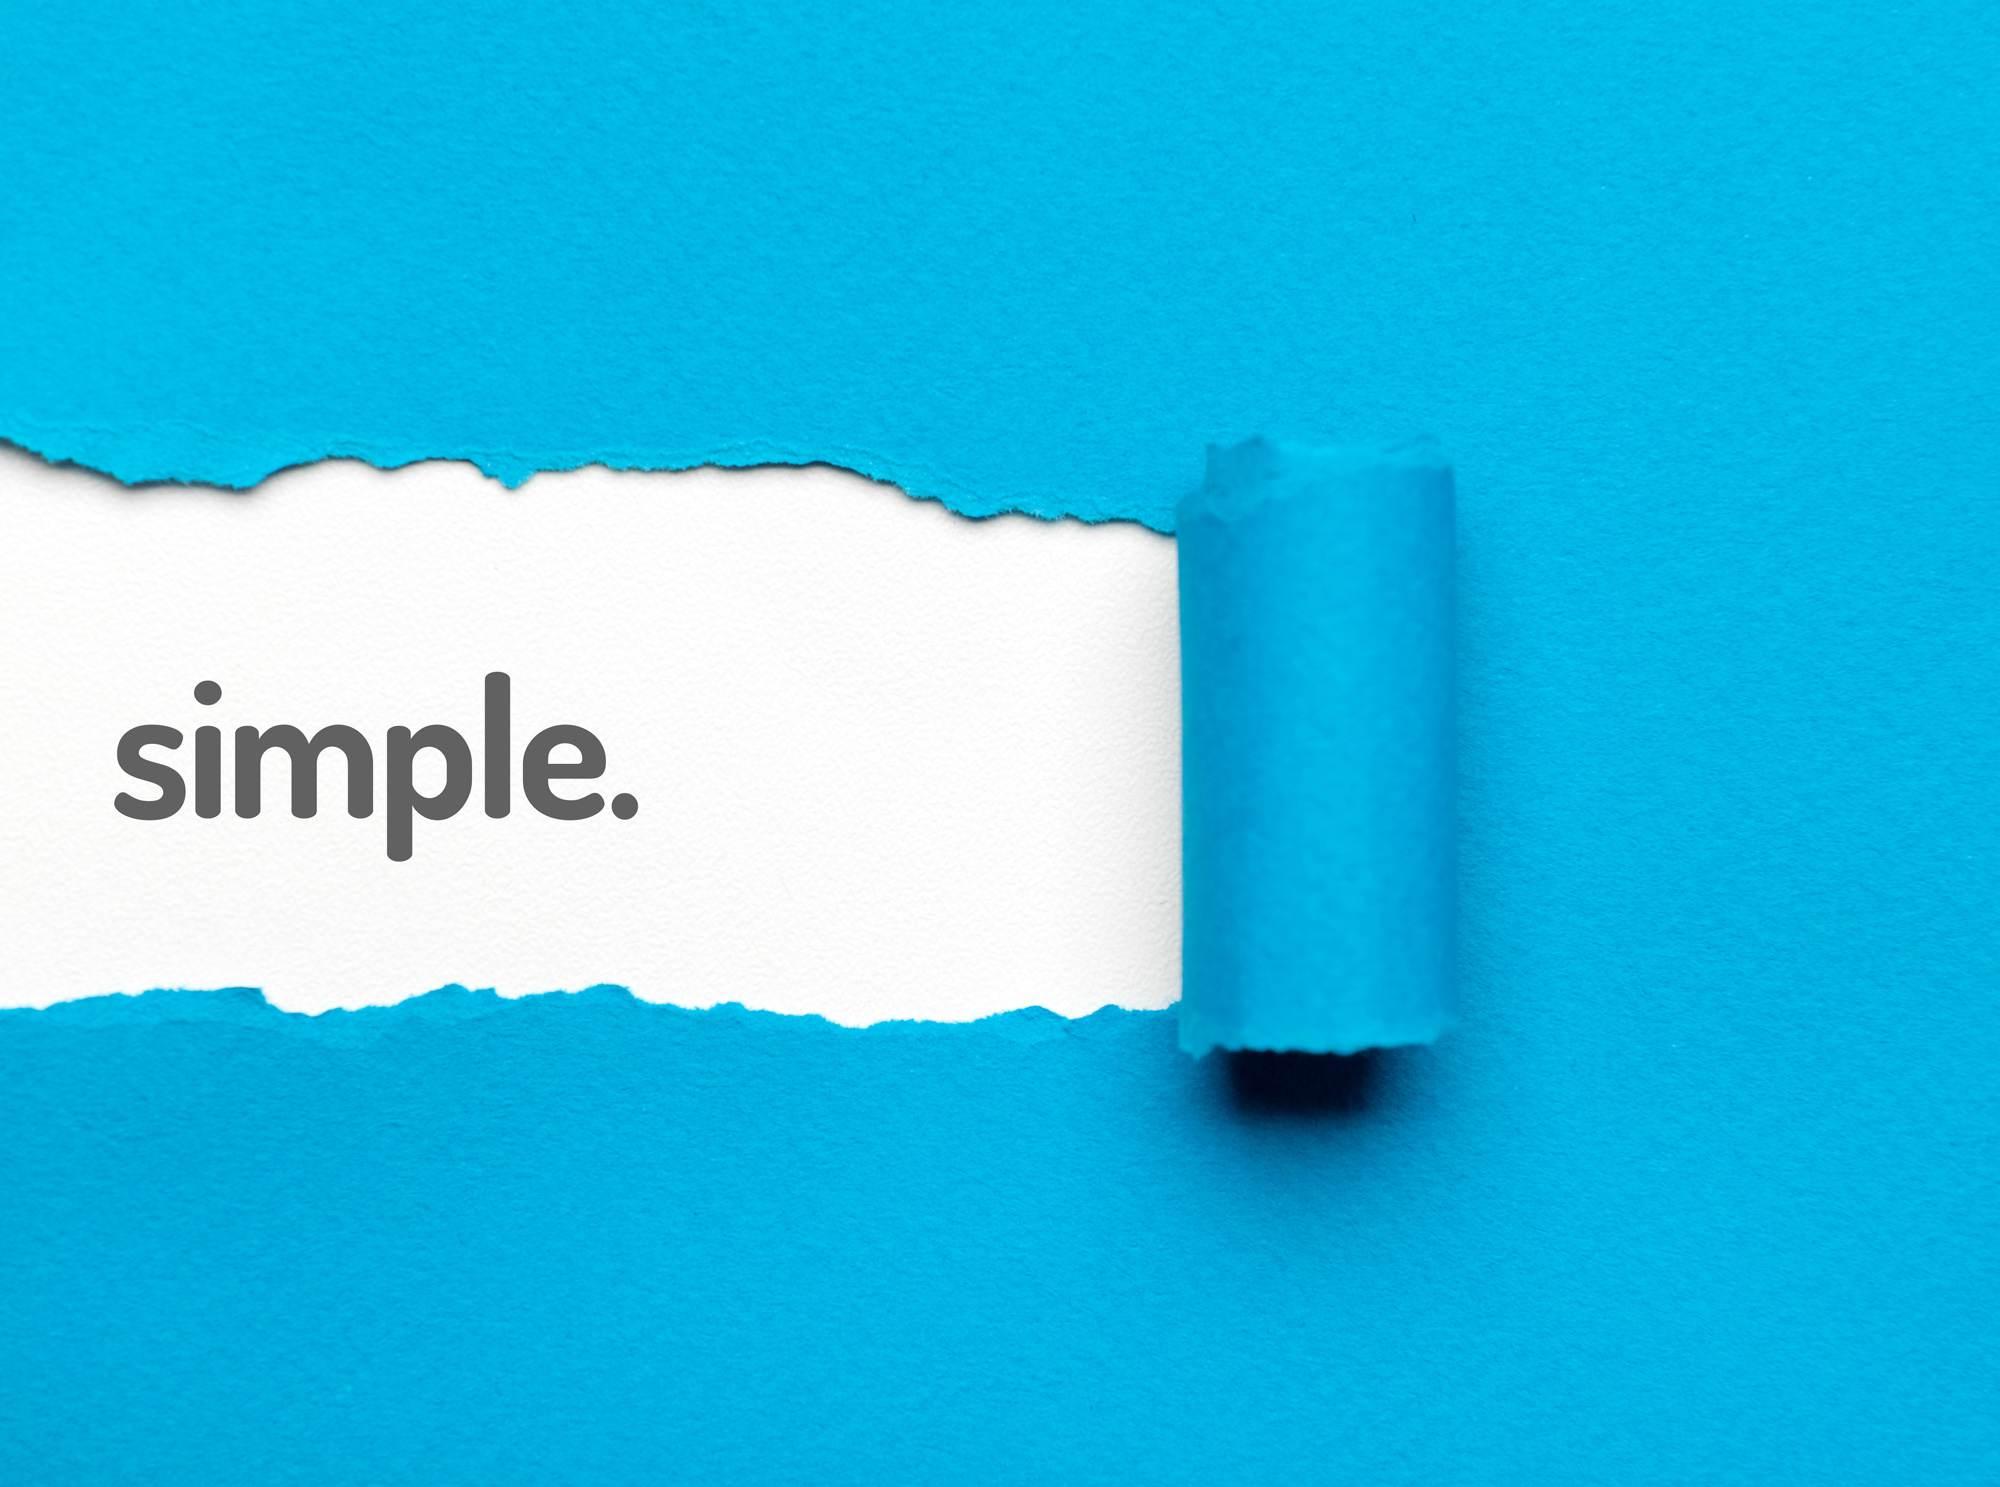 Como atrair visitantes com conteúdo simples (e gerar mais vendas)